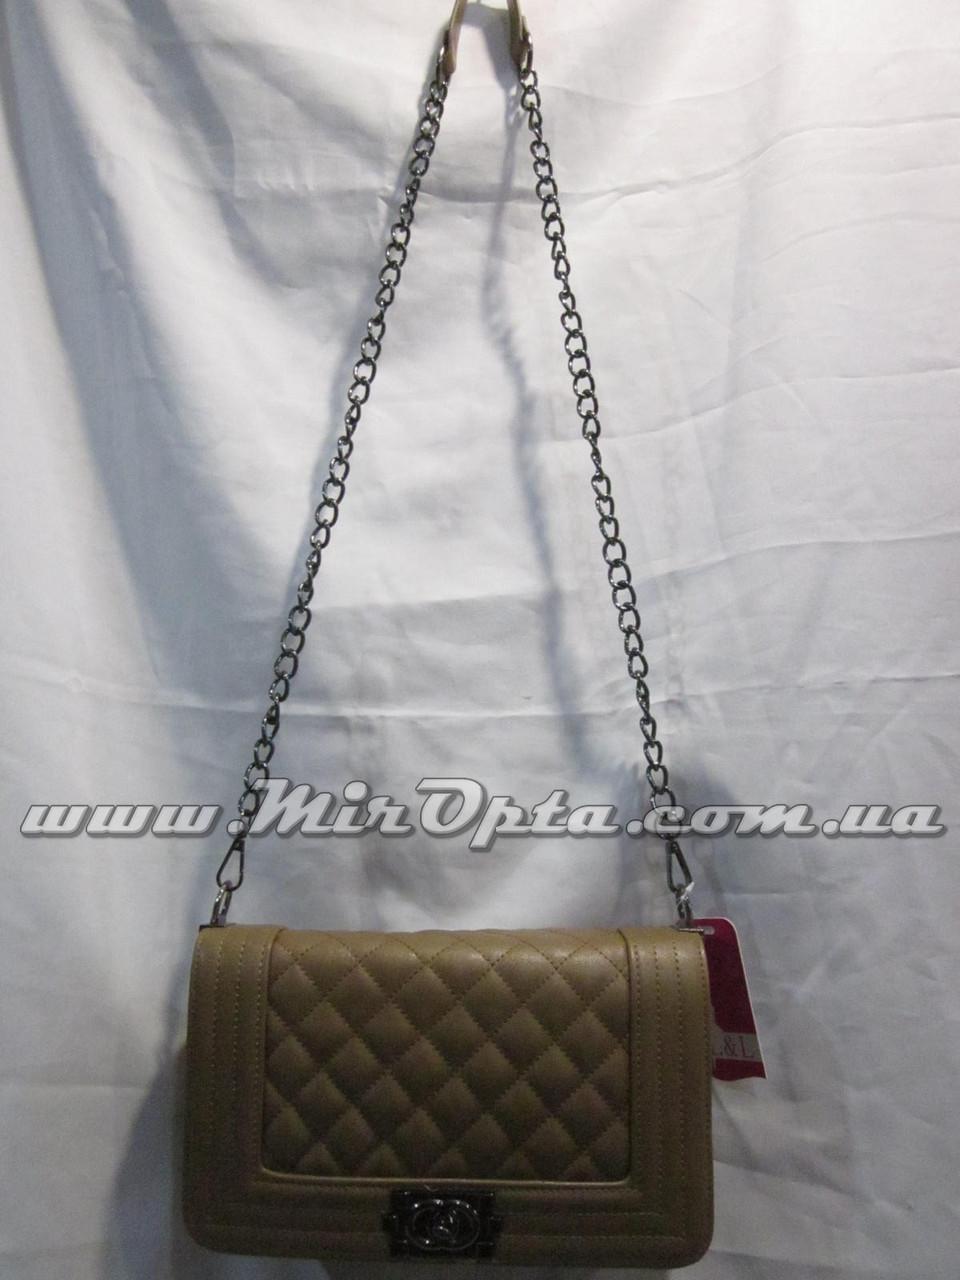 9230bcf5f4eb Женская сумка - клатч 3503 (29 х 16 см.) купить оптом по низкой цене. 220  грн.